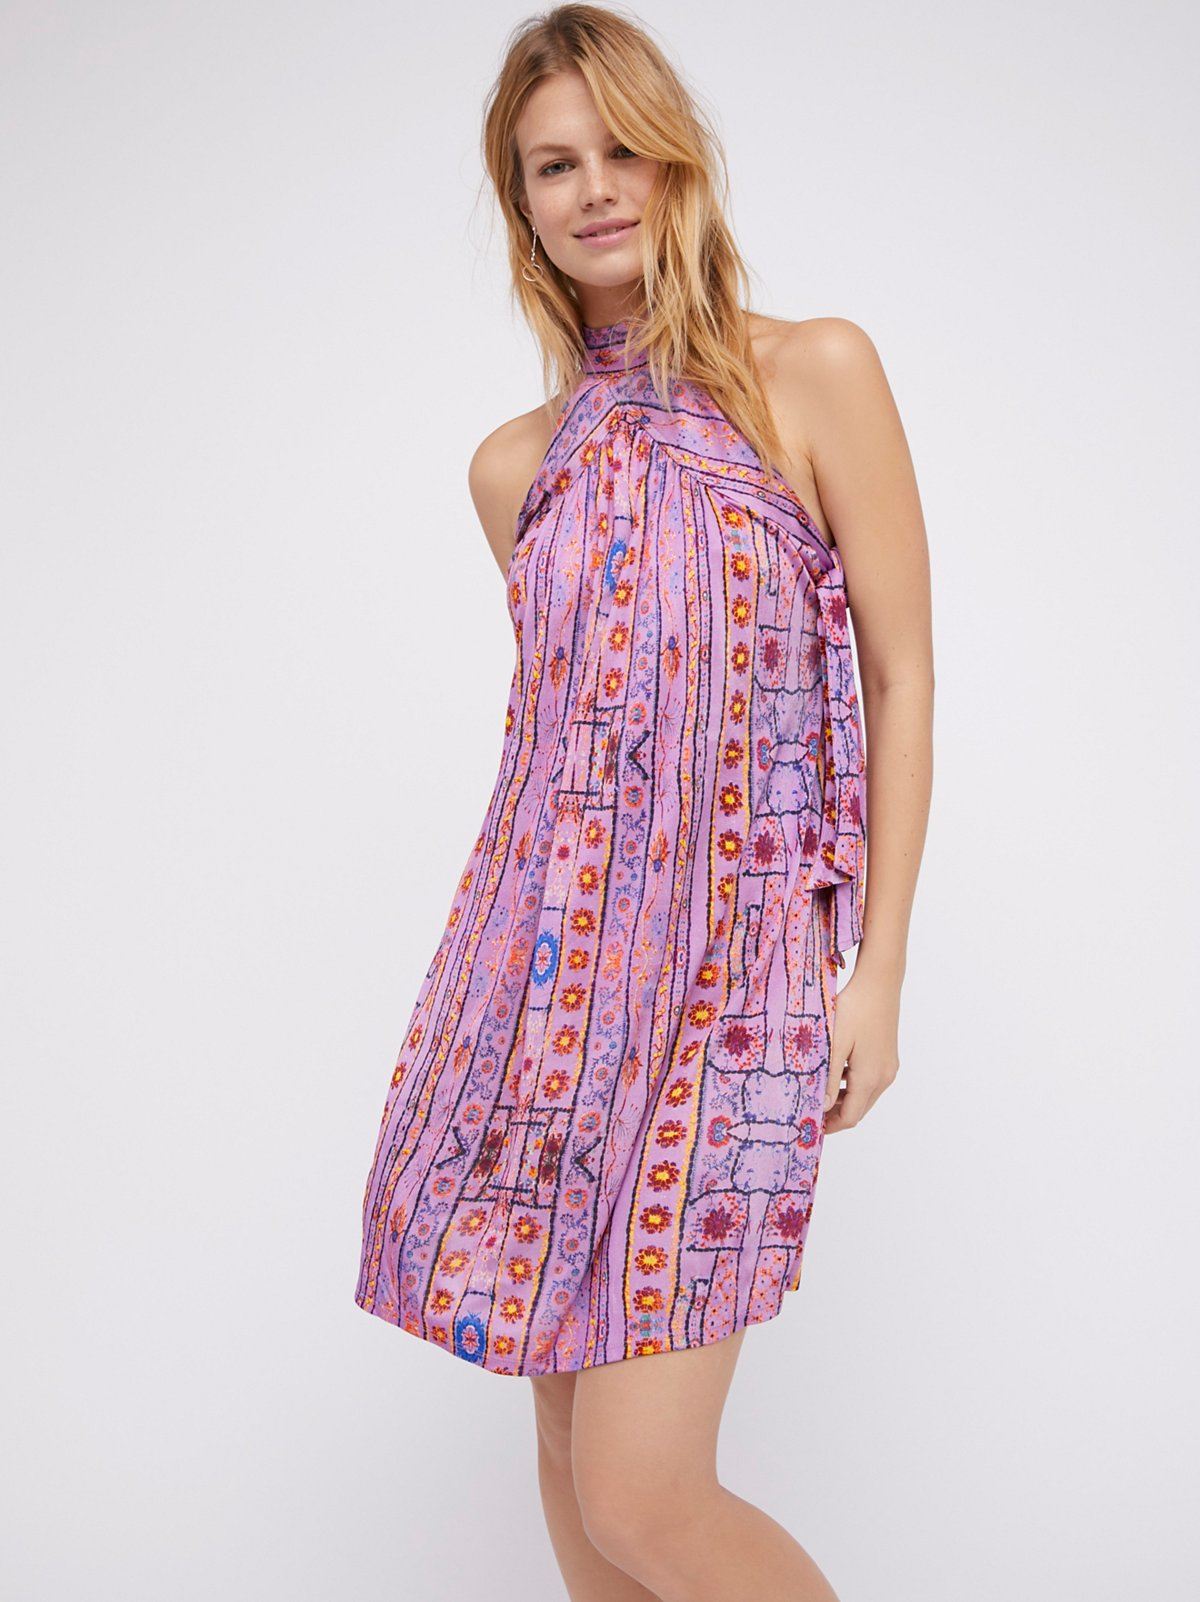 Cheek To Cheek Mini Dress